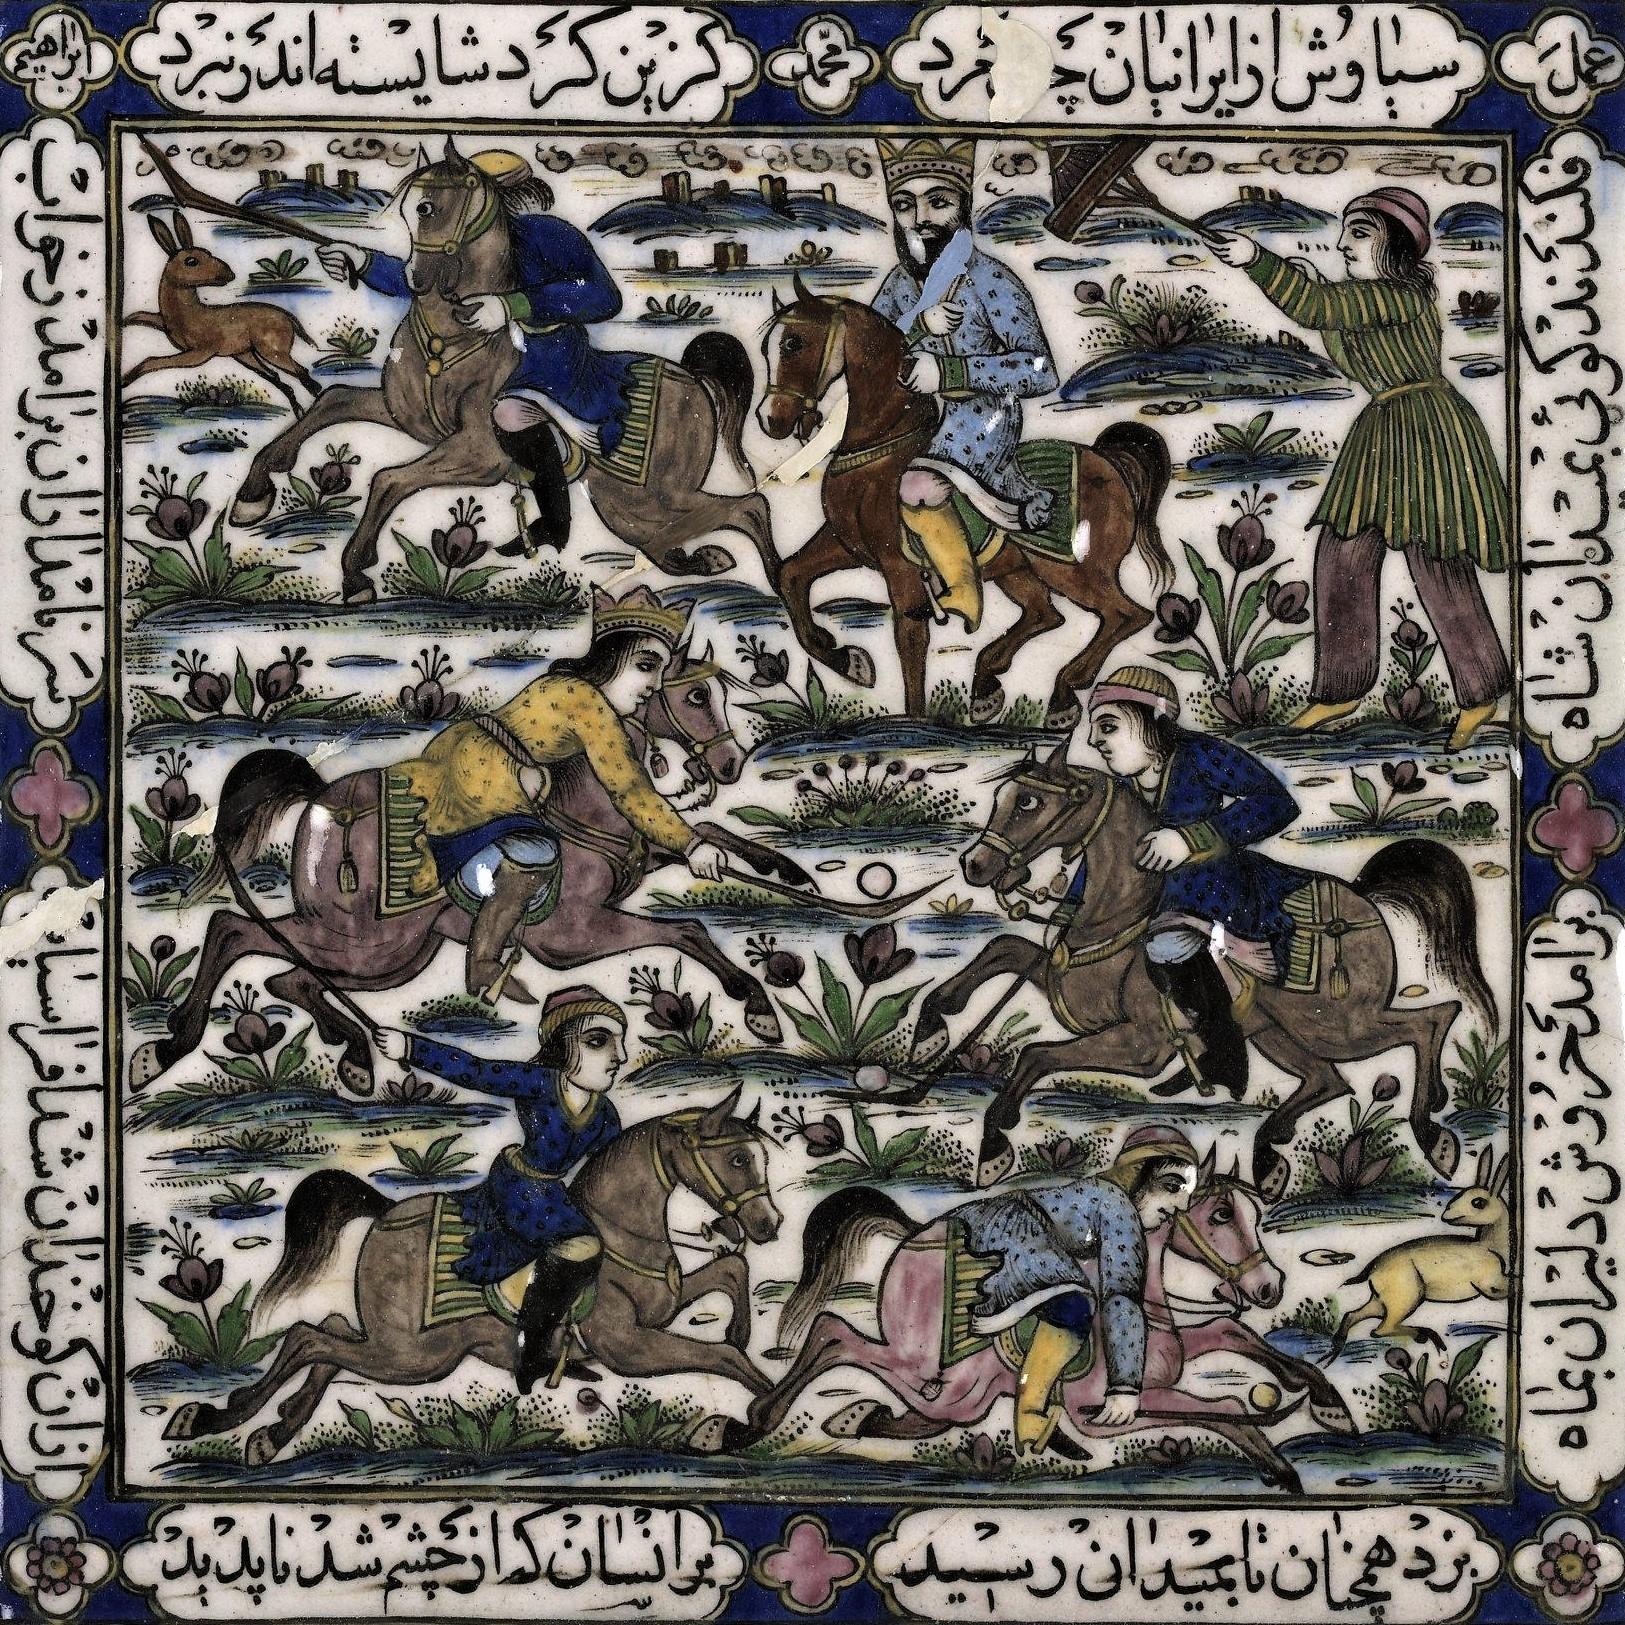 Ceramic tile design based on verses describing a polo match in Shahnameh